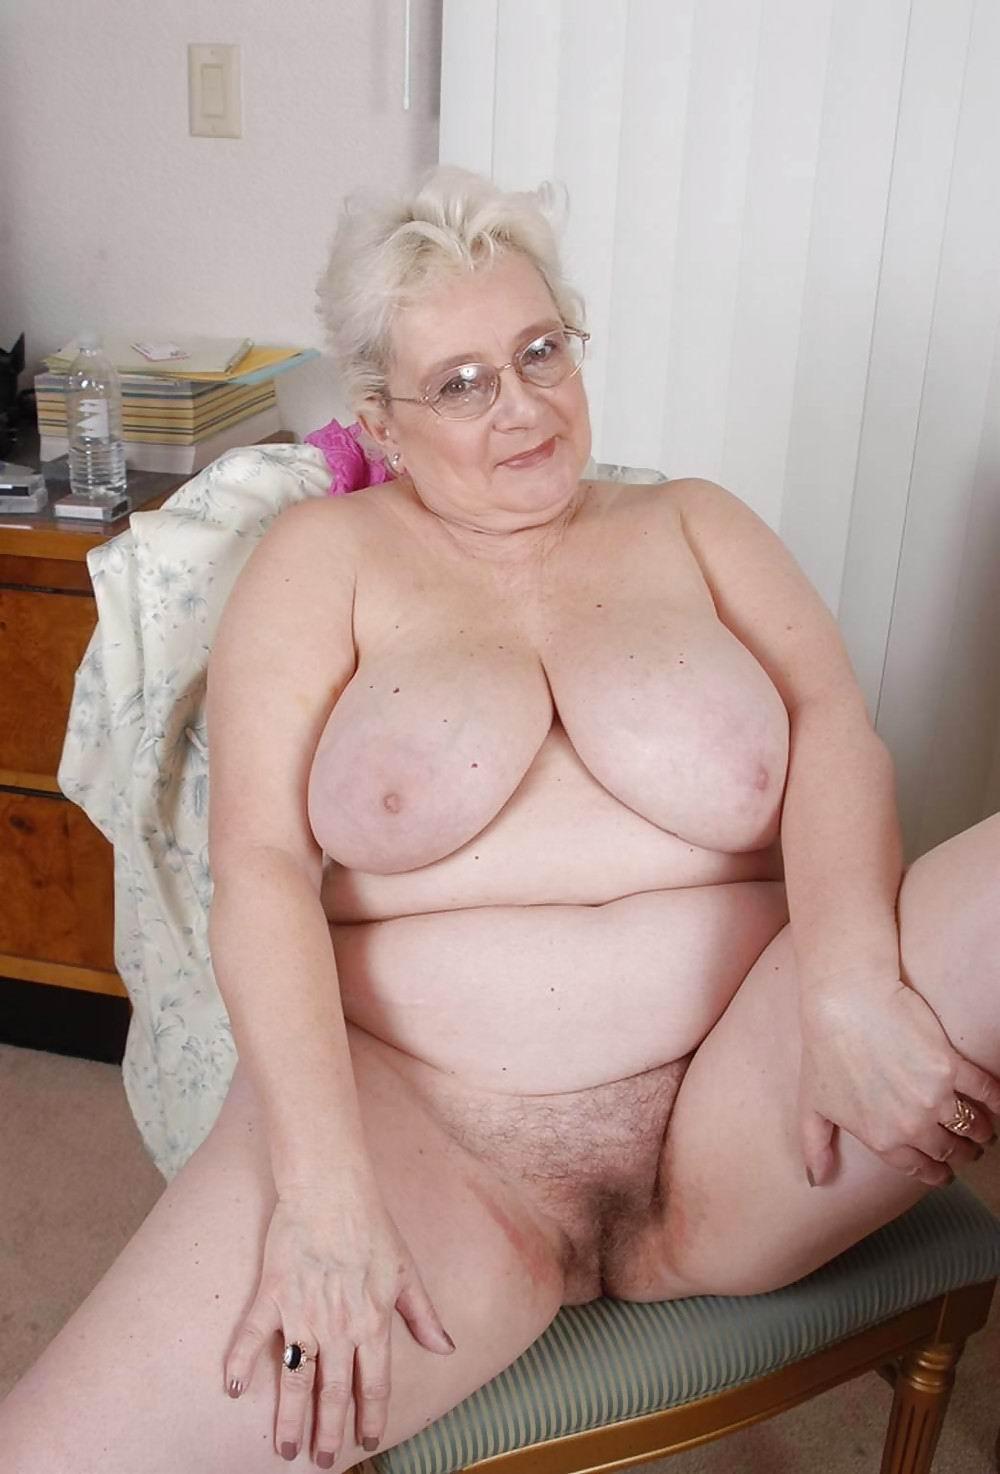 fat mature granny porn - private nude photo